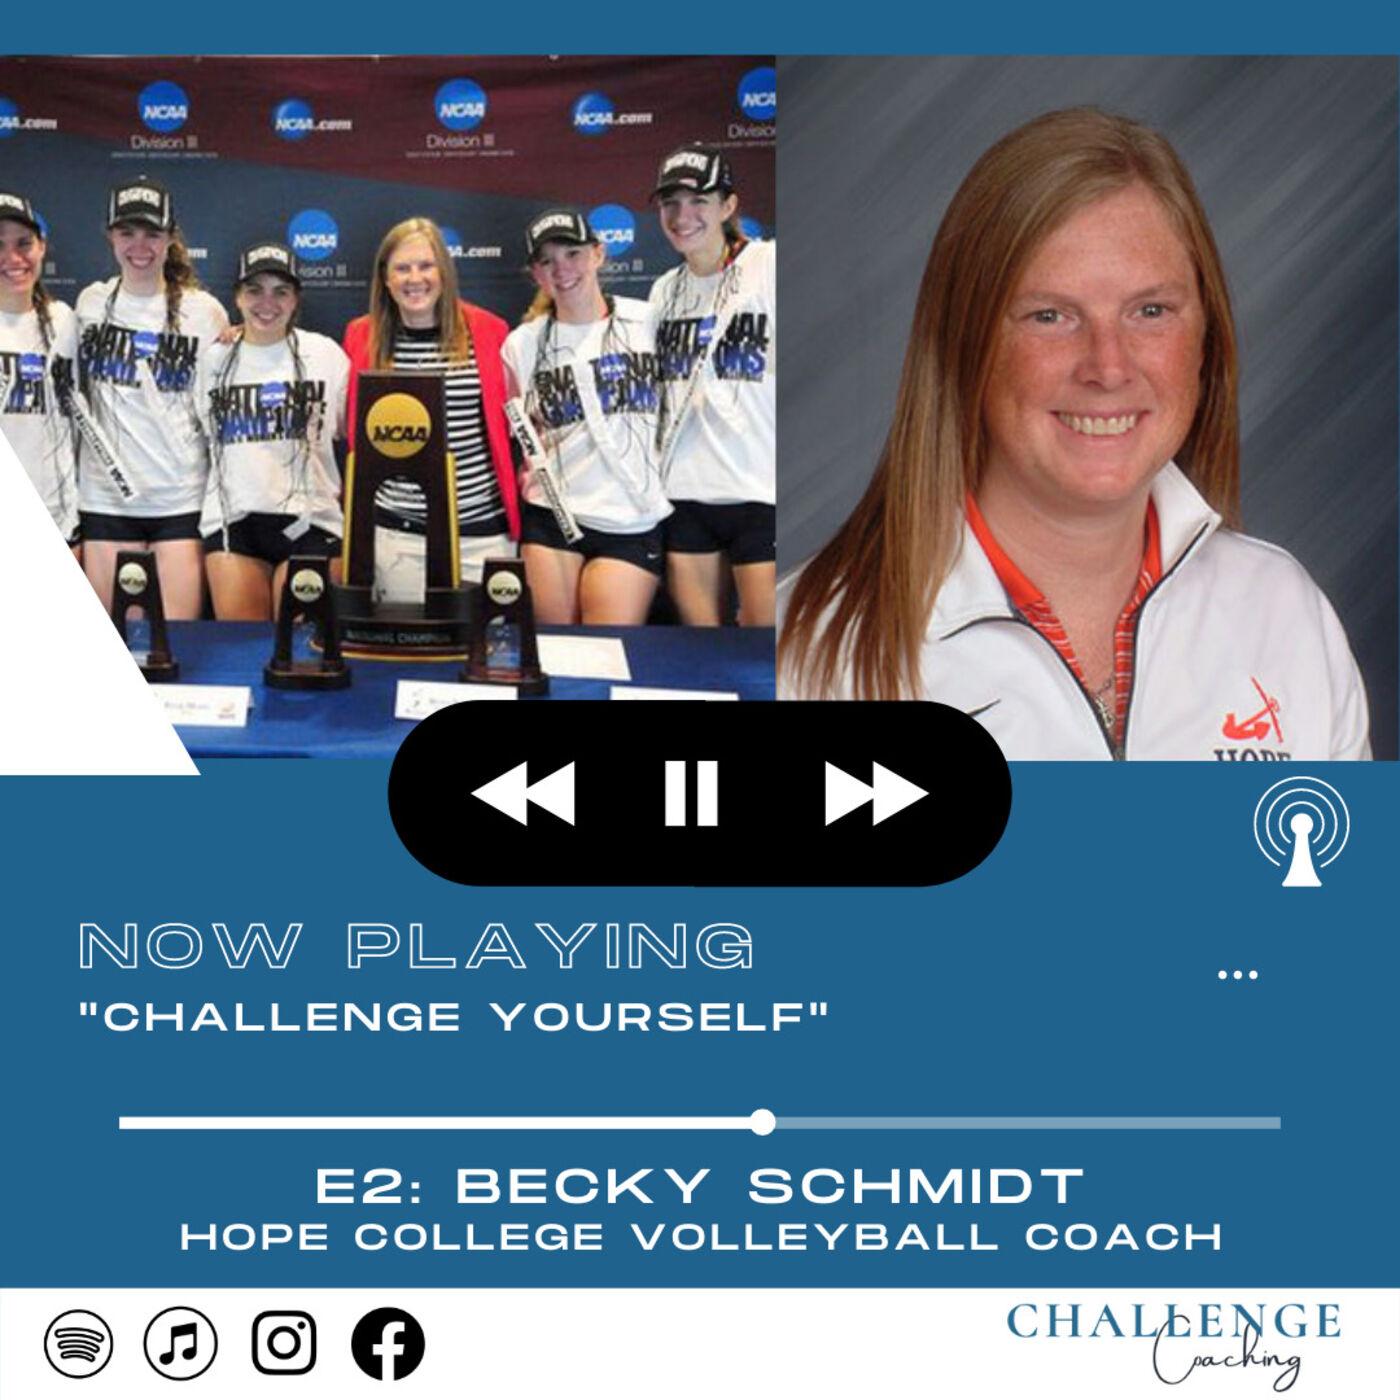 E2: Becky Schmidt: Hope College Volleyball Coach